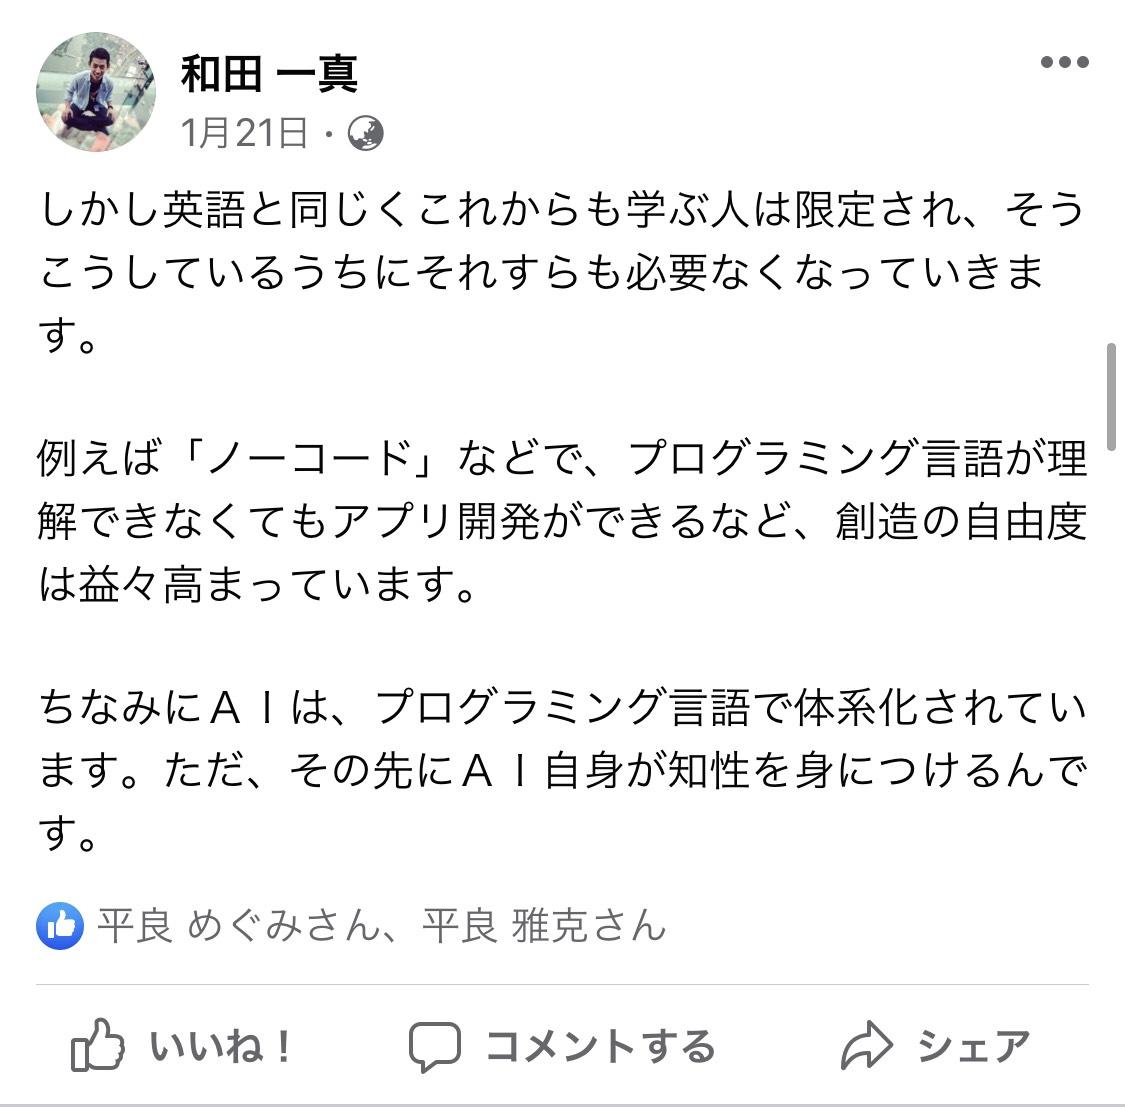 f:id:wadakazuma:20210511073616j:plain